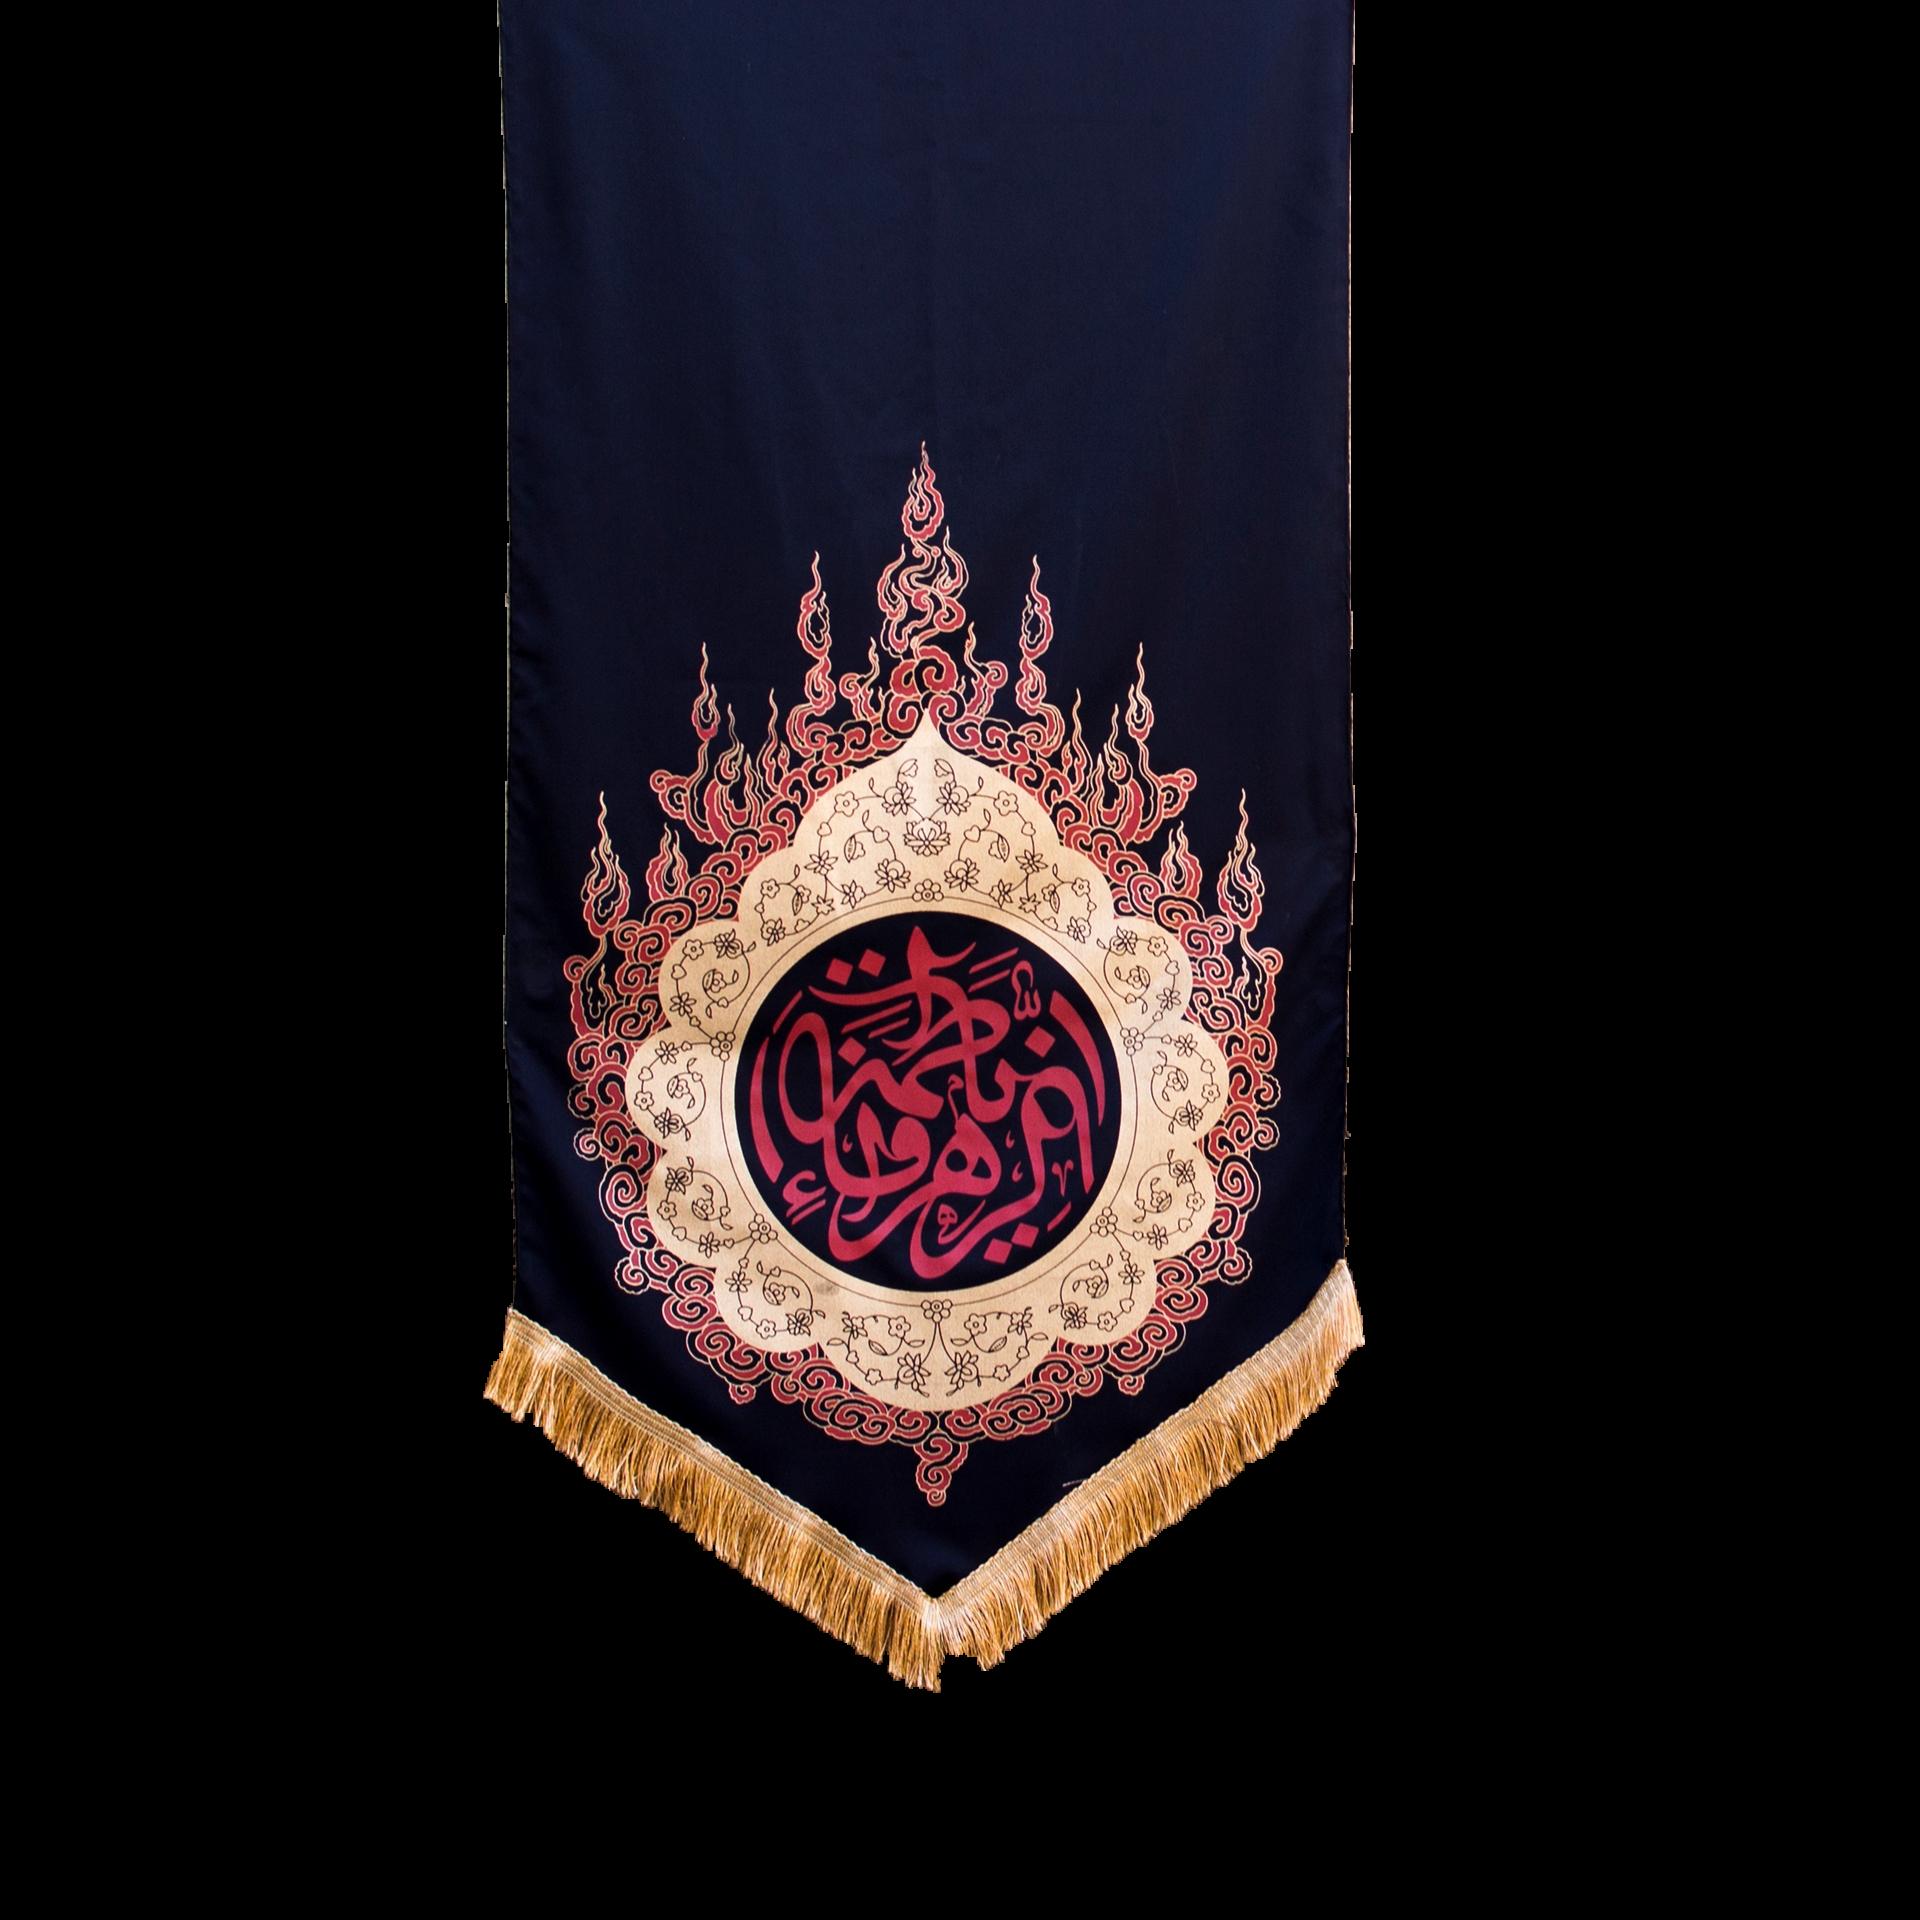 تصویر از بیرق حرارت طرح «یا فاطمة الزهرا» پارچه کجراه، یکونیم متری